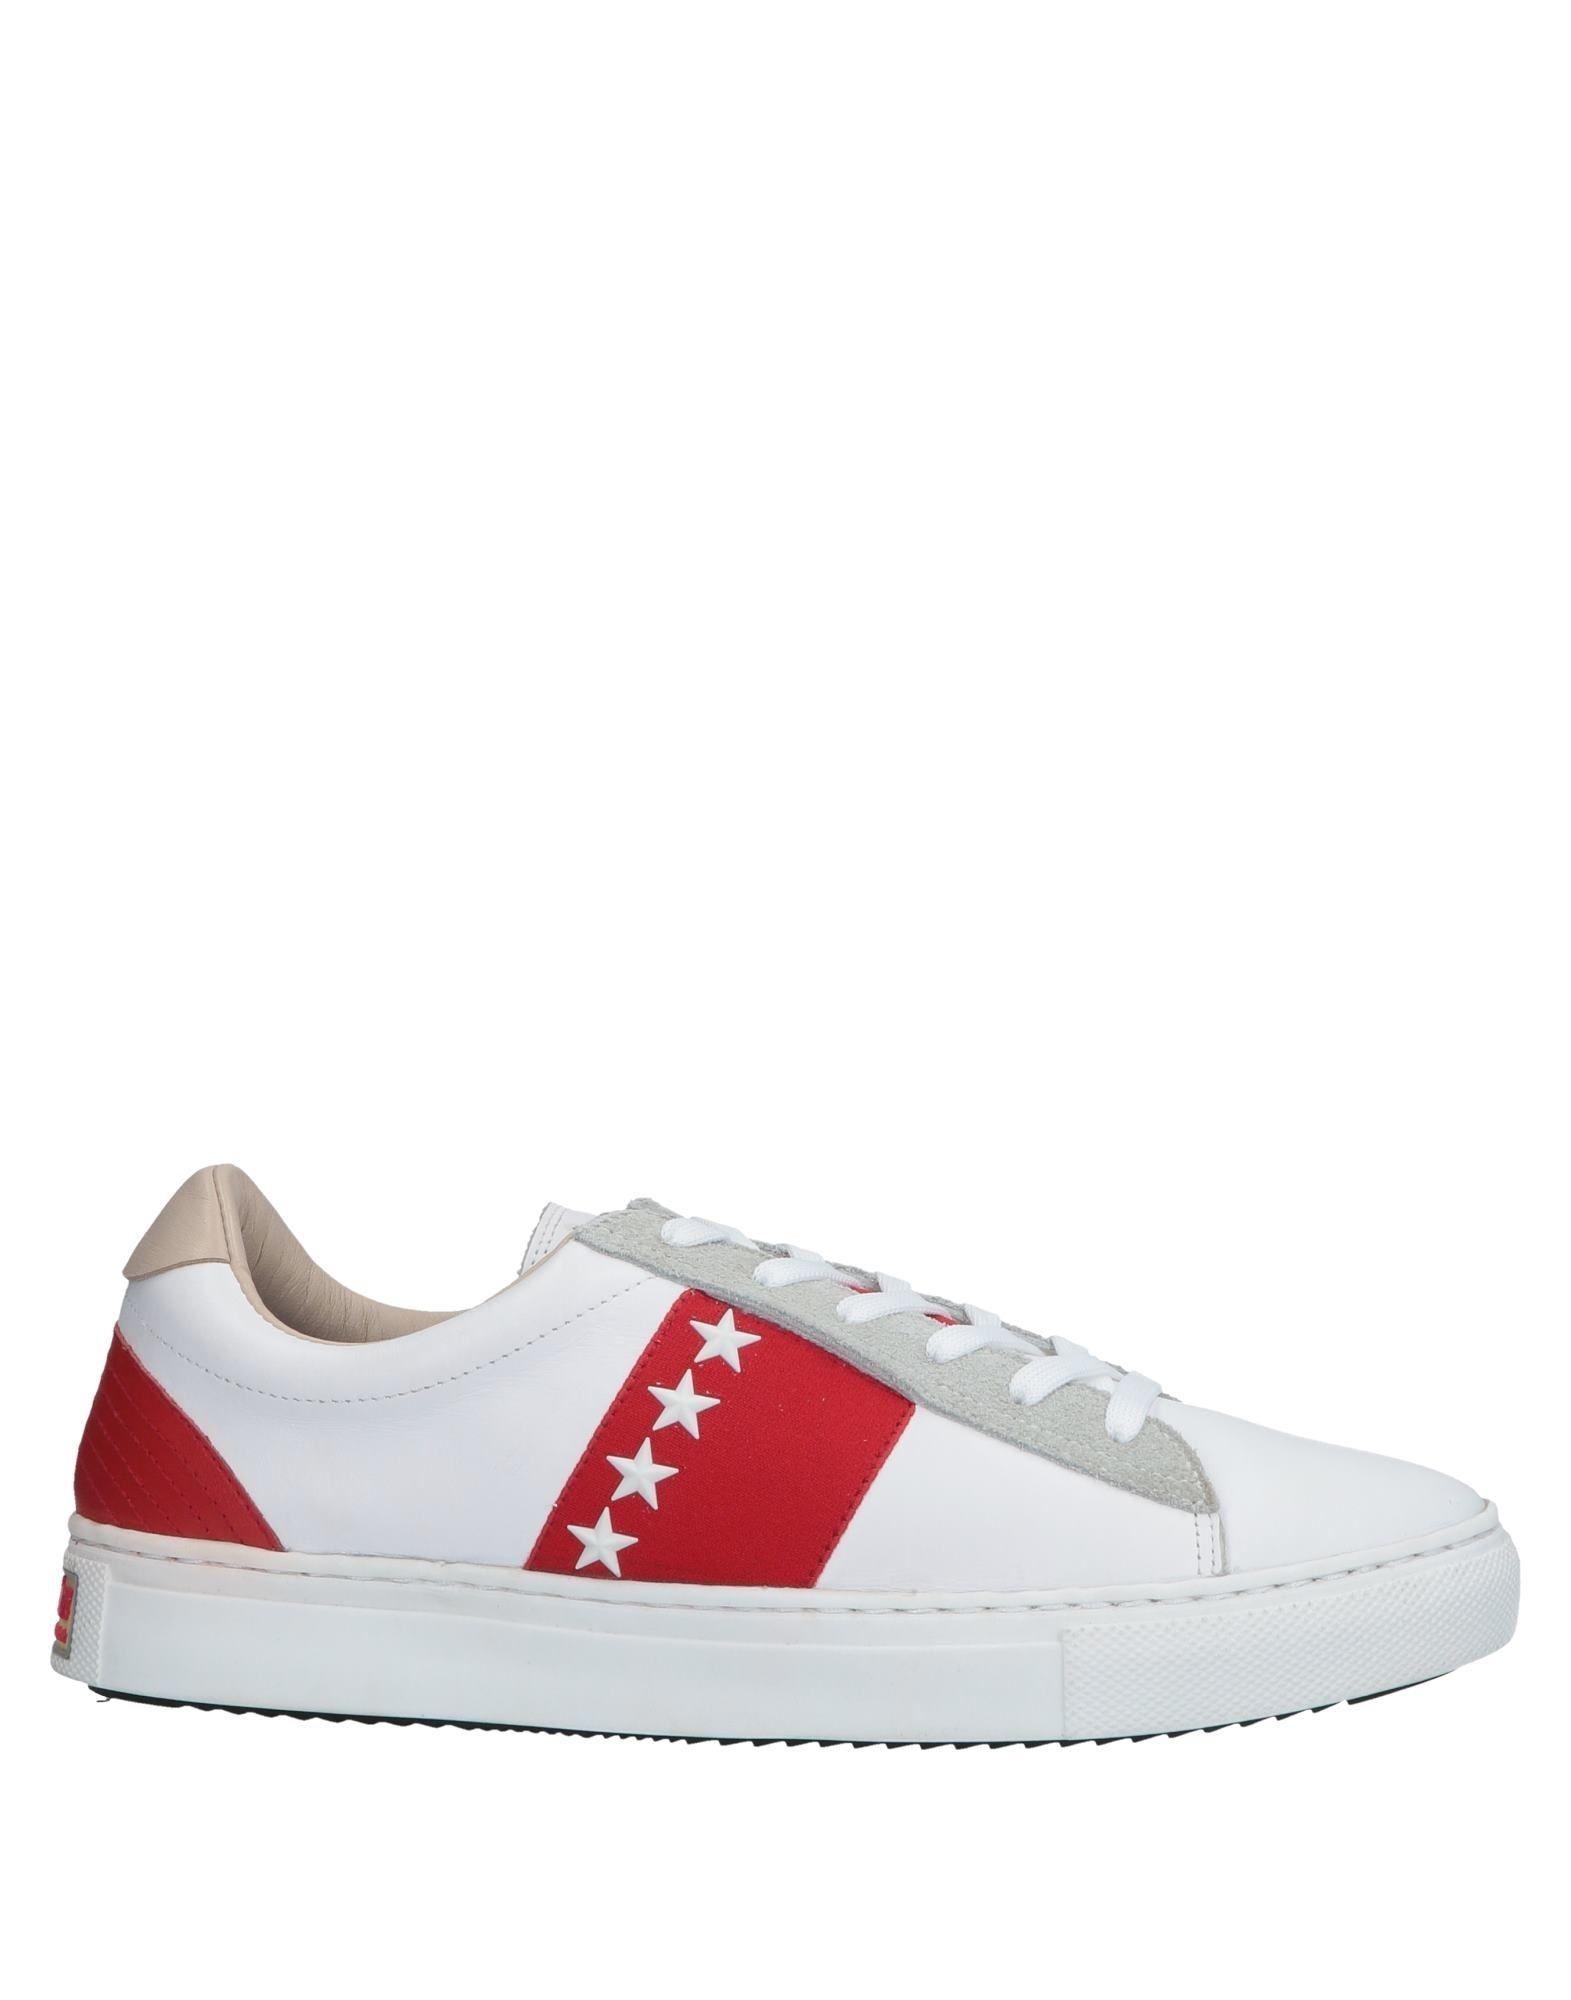 Sneakers Invicta Homme - Sneakers Invicta  Blanc Super rabais